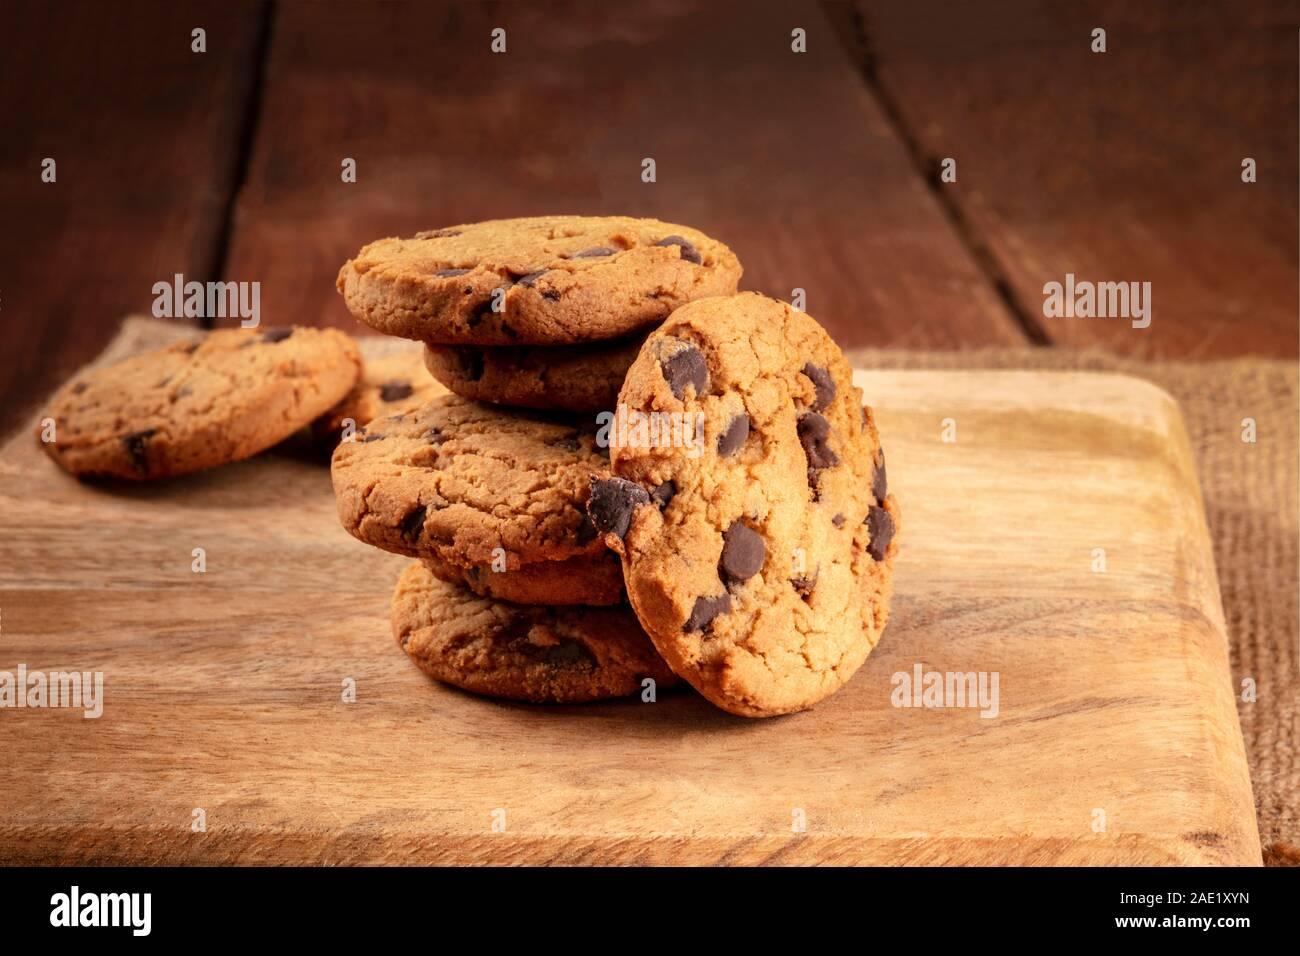 Las galletas con trocitos de chocolate, libre de gluten, un close-up de una pila en un oscuro fondo rústico Foto de stock